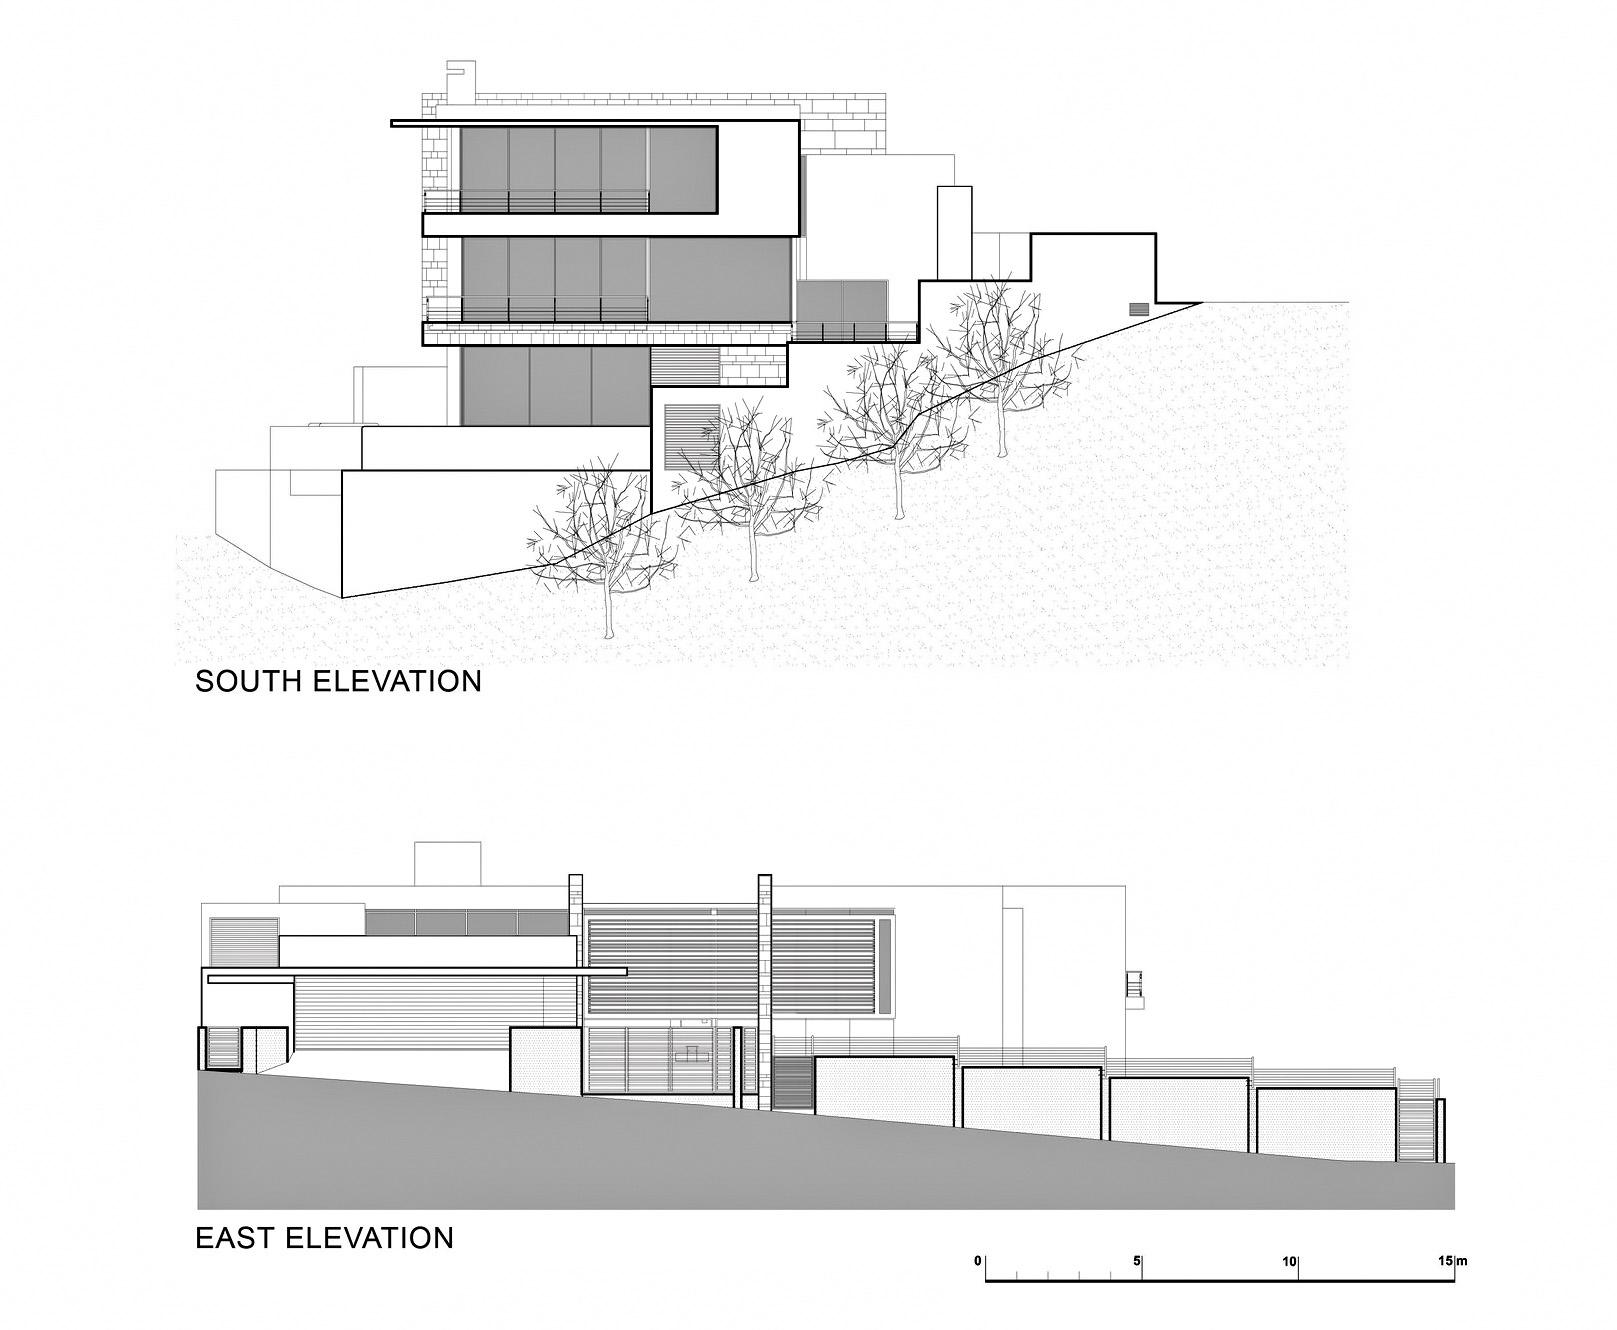 Élévations – Résidence St. Leon 10 – Bantry Bay, Le Cap, Cap-Occidental, Afrique du Sud